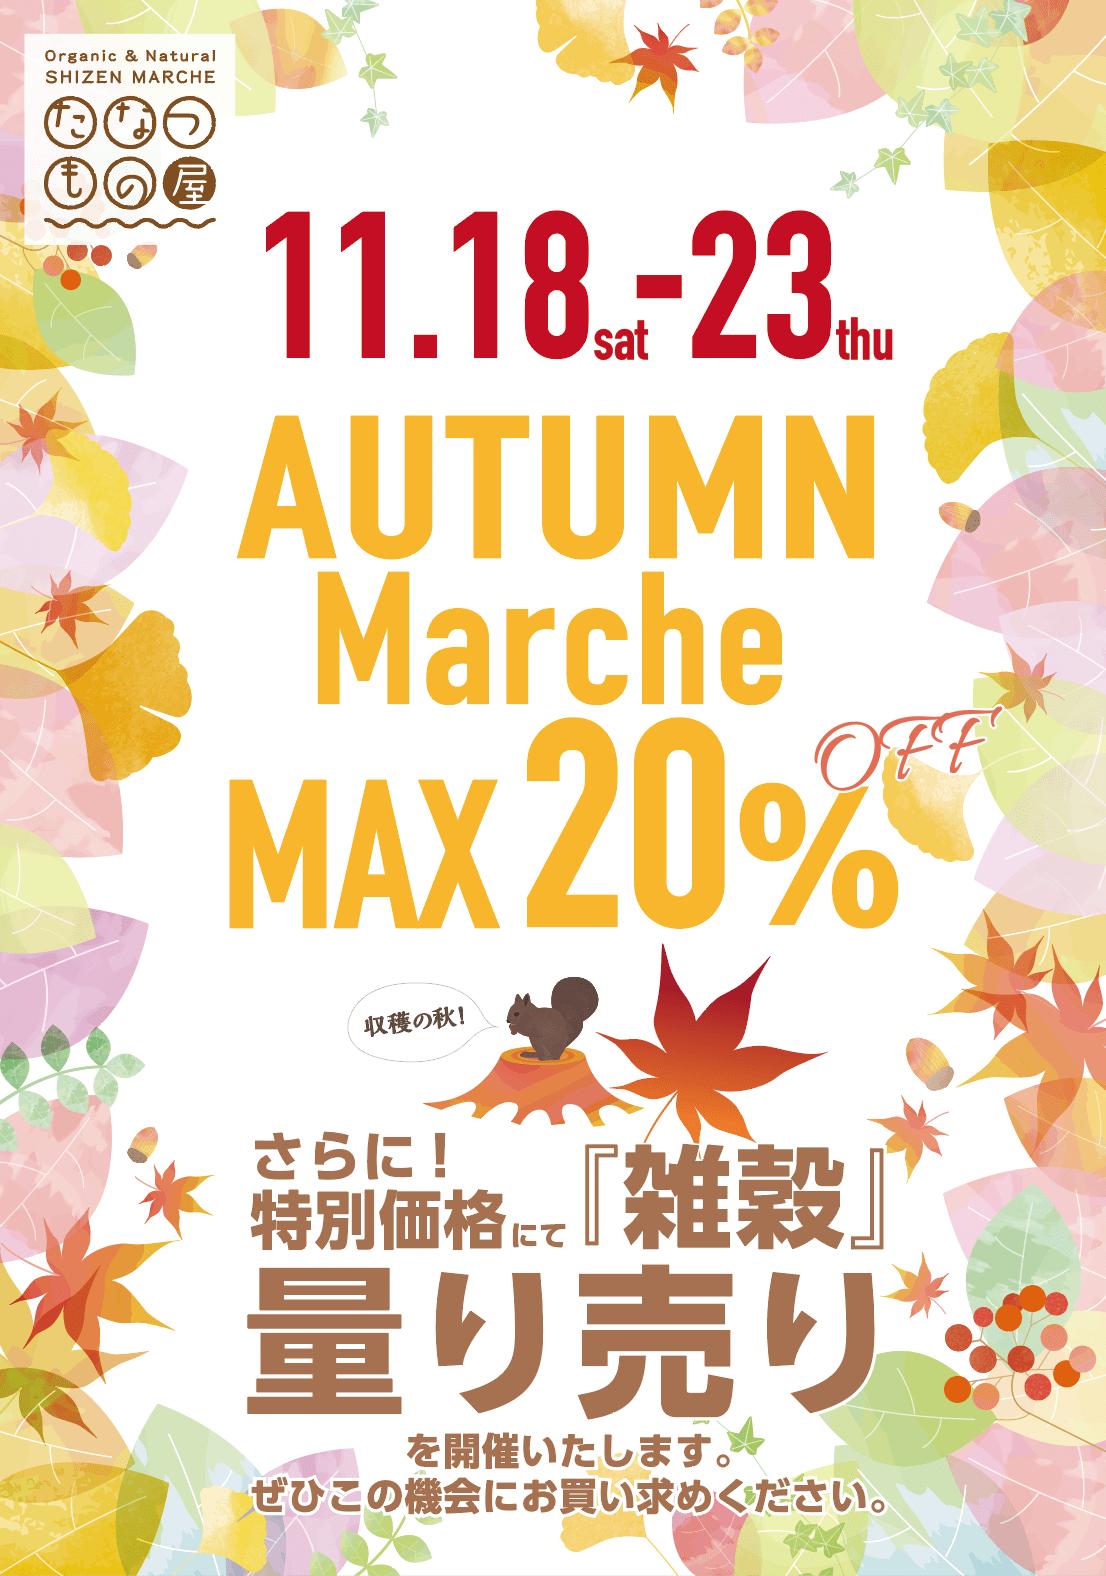 autumnmarche2017